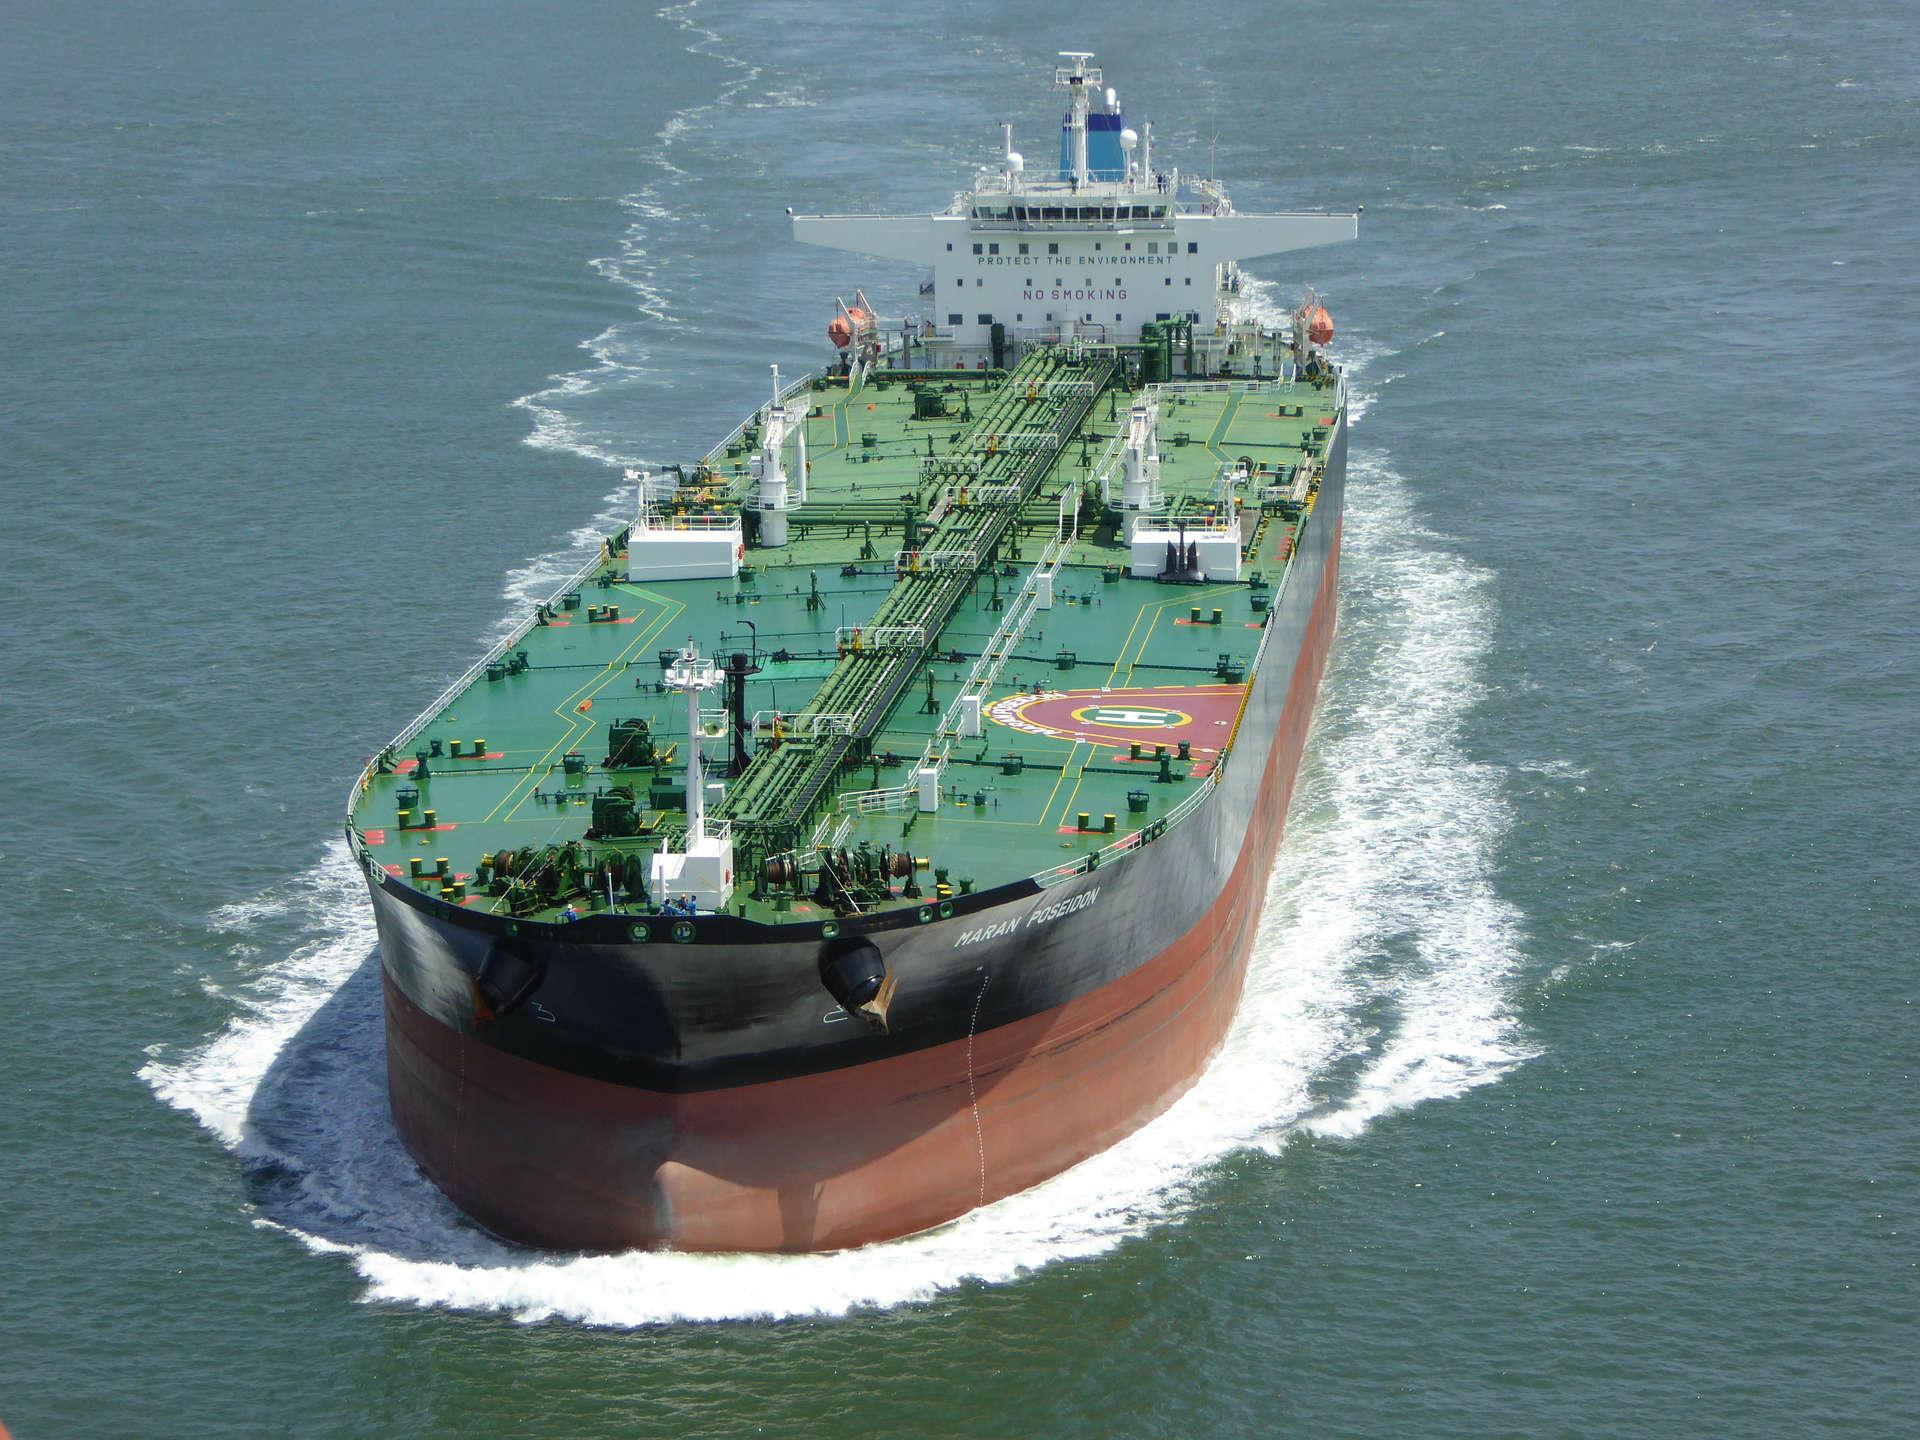 tanker_frente